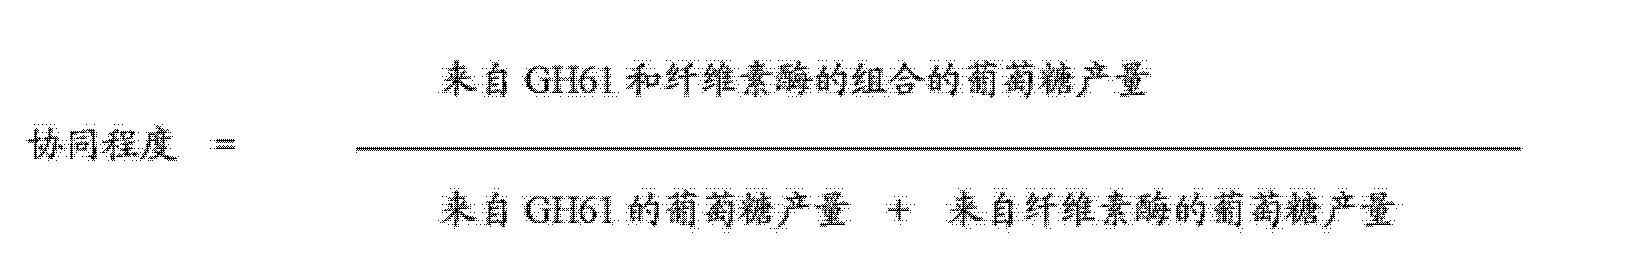 Figure CN103080306BD00522